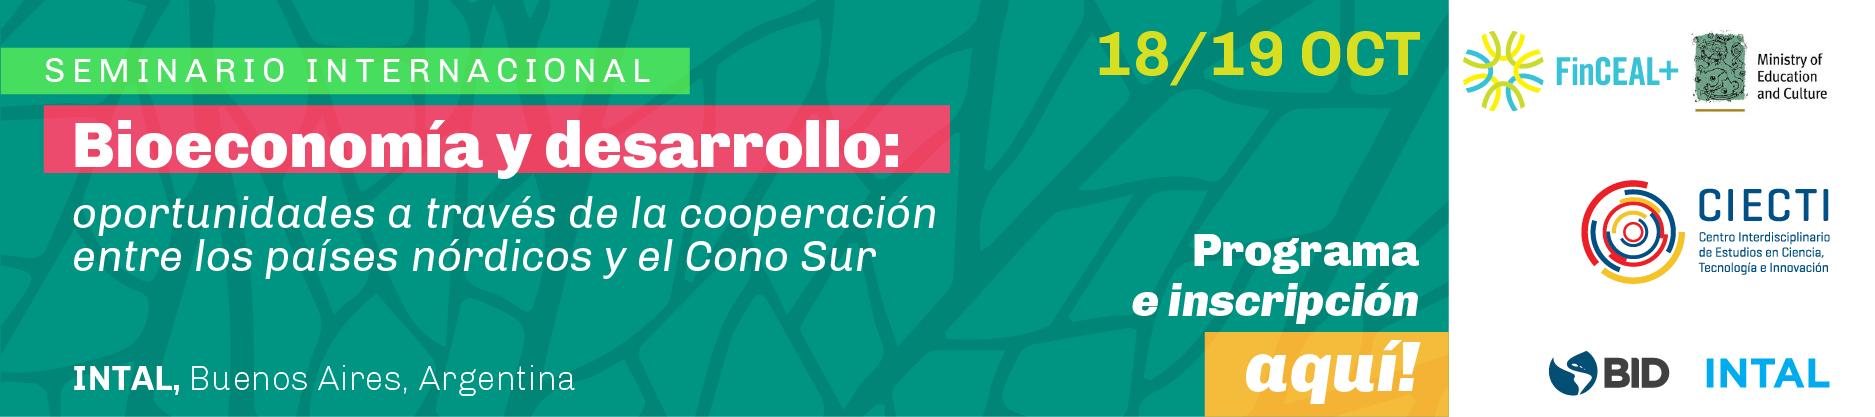 banner-web-2-programa-y-suscripción-Seminario-2018_V02_mailing-save-the-date-final-copy_banner-web-900x200-copy